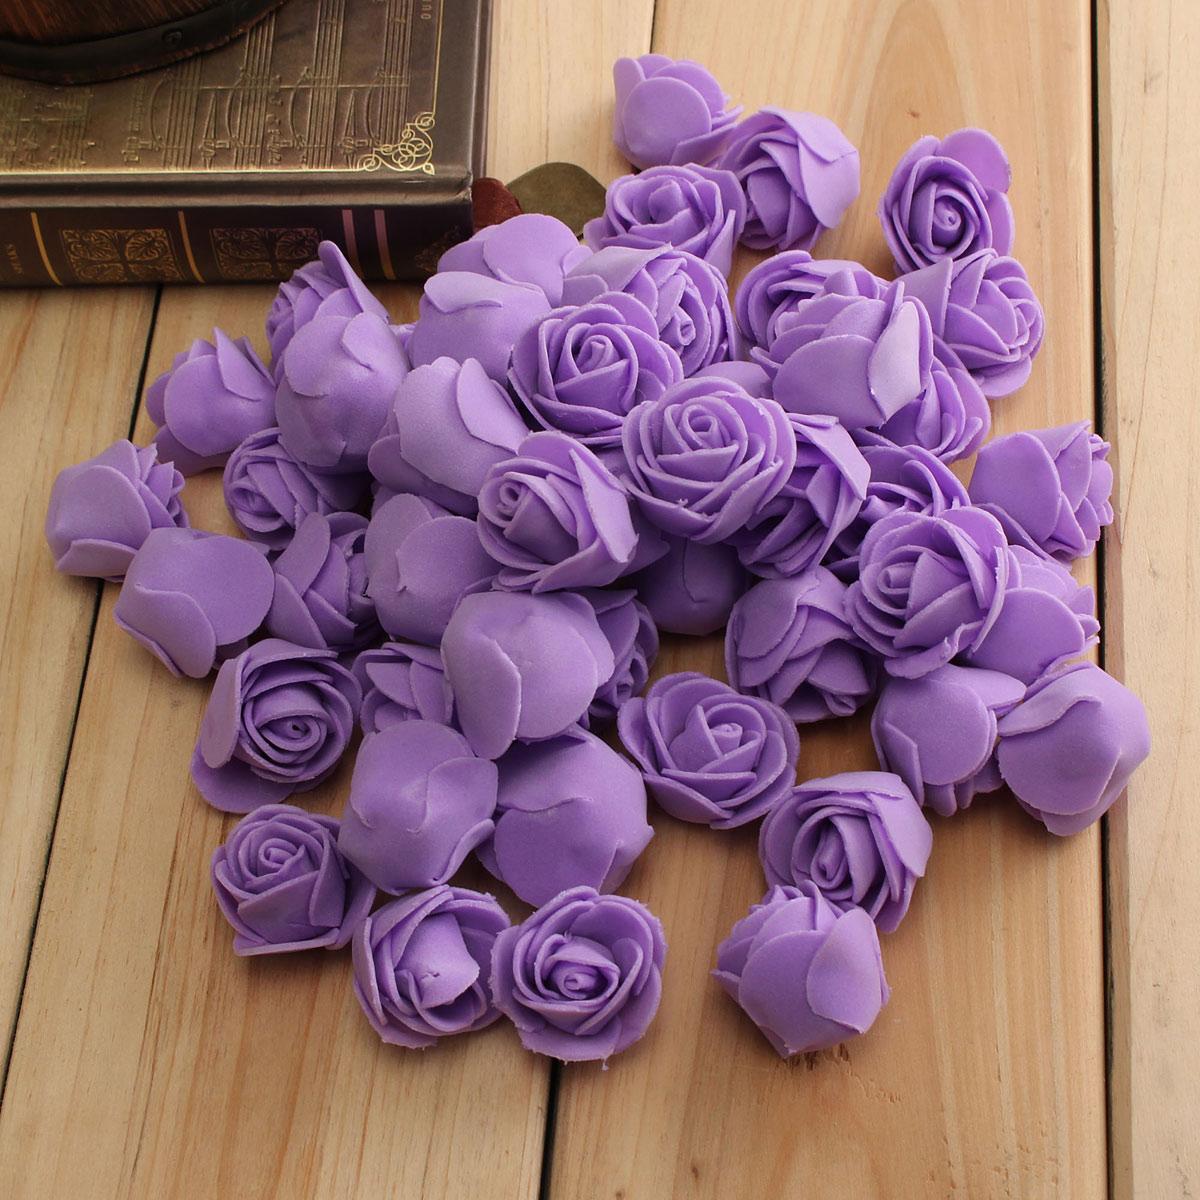 Искусственные цветы для дома BRAND NEW 50 /pe PE Foam Rose Flower искусственные цветы для дома weijing 1 51 25 diy 1 51 rose craft